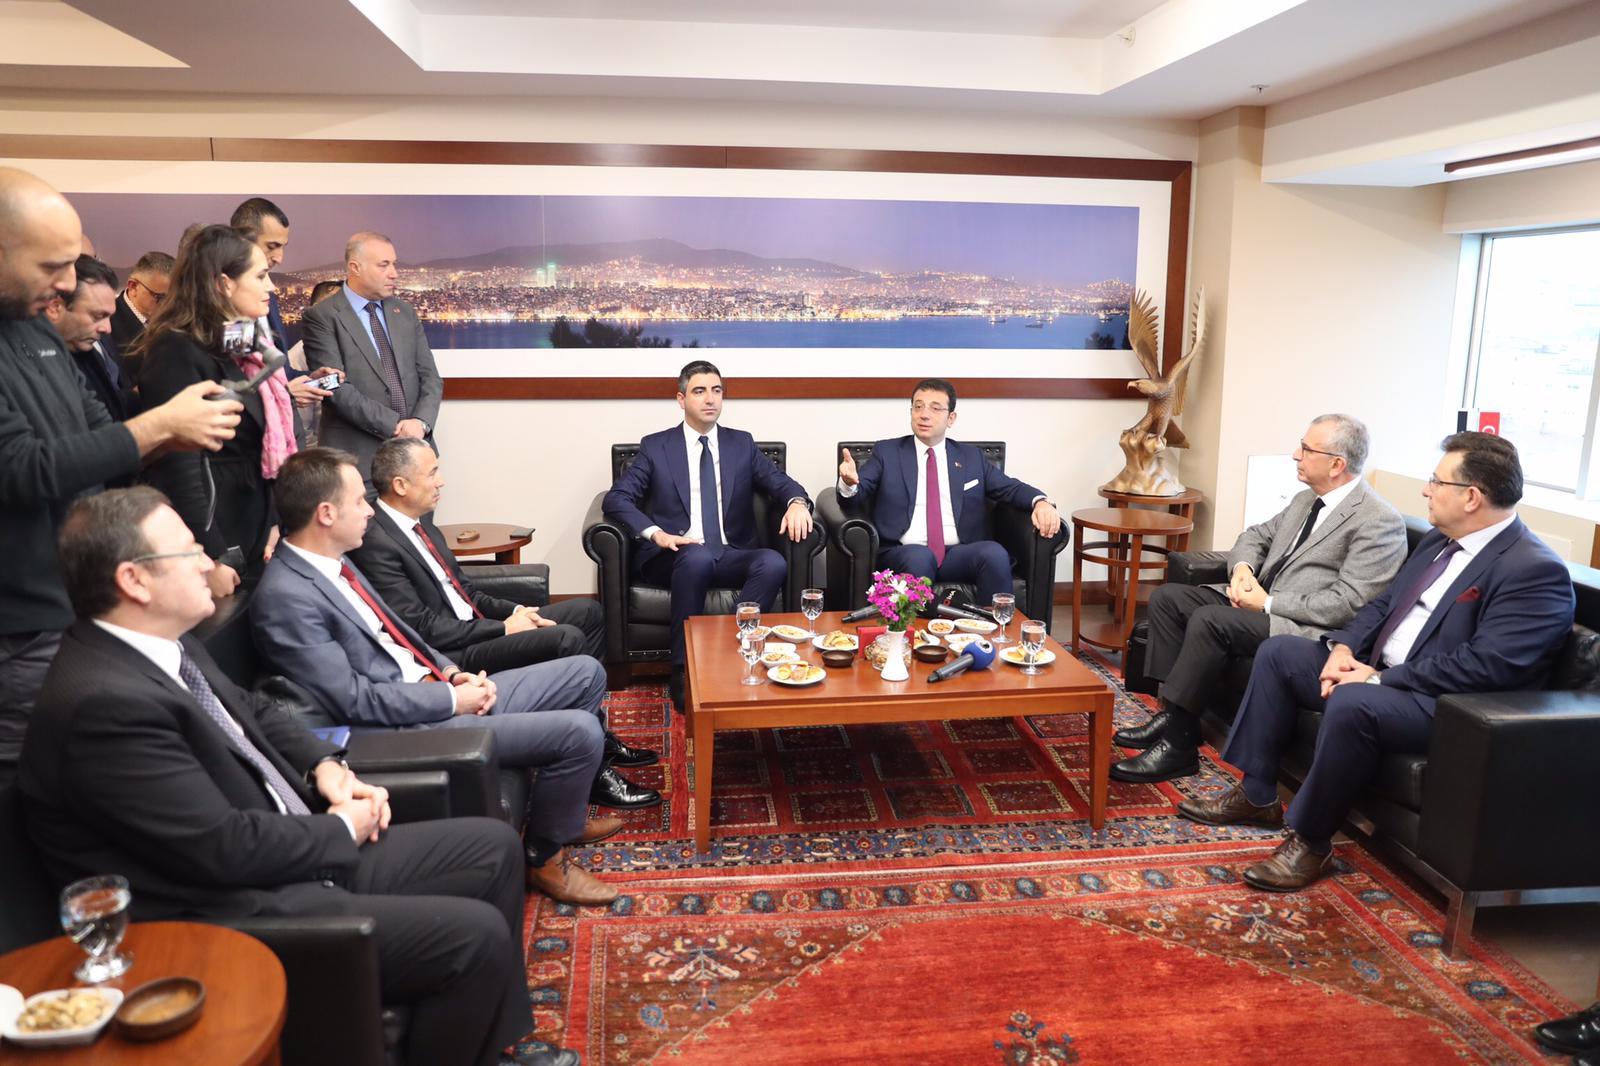 İBB Başkanı Ekrem İmamoğlu, Ortak Masa Toplantısı İçin Kartal'da (4)